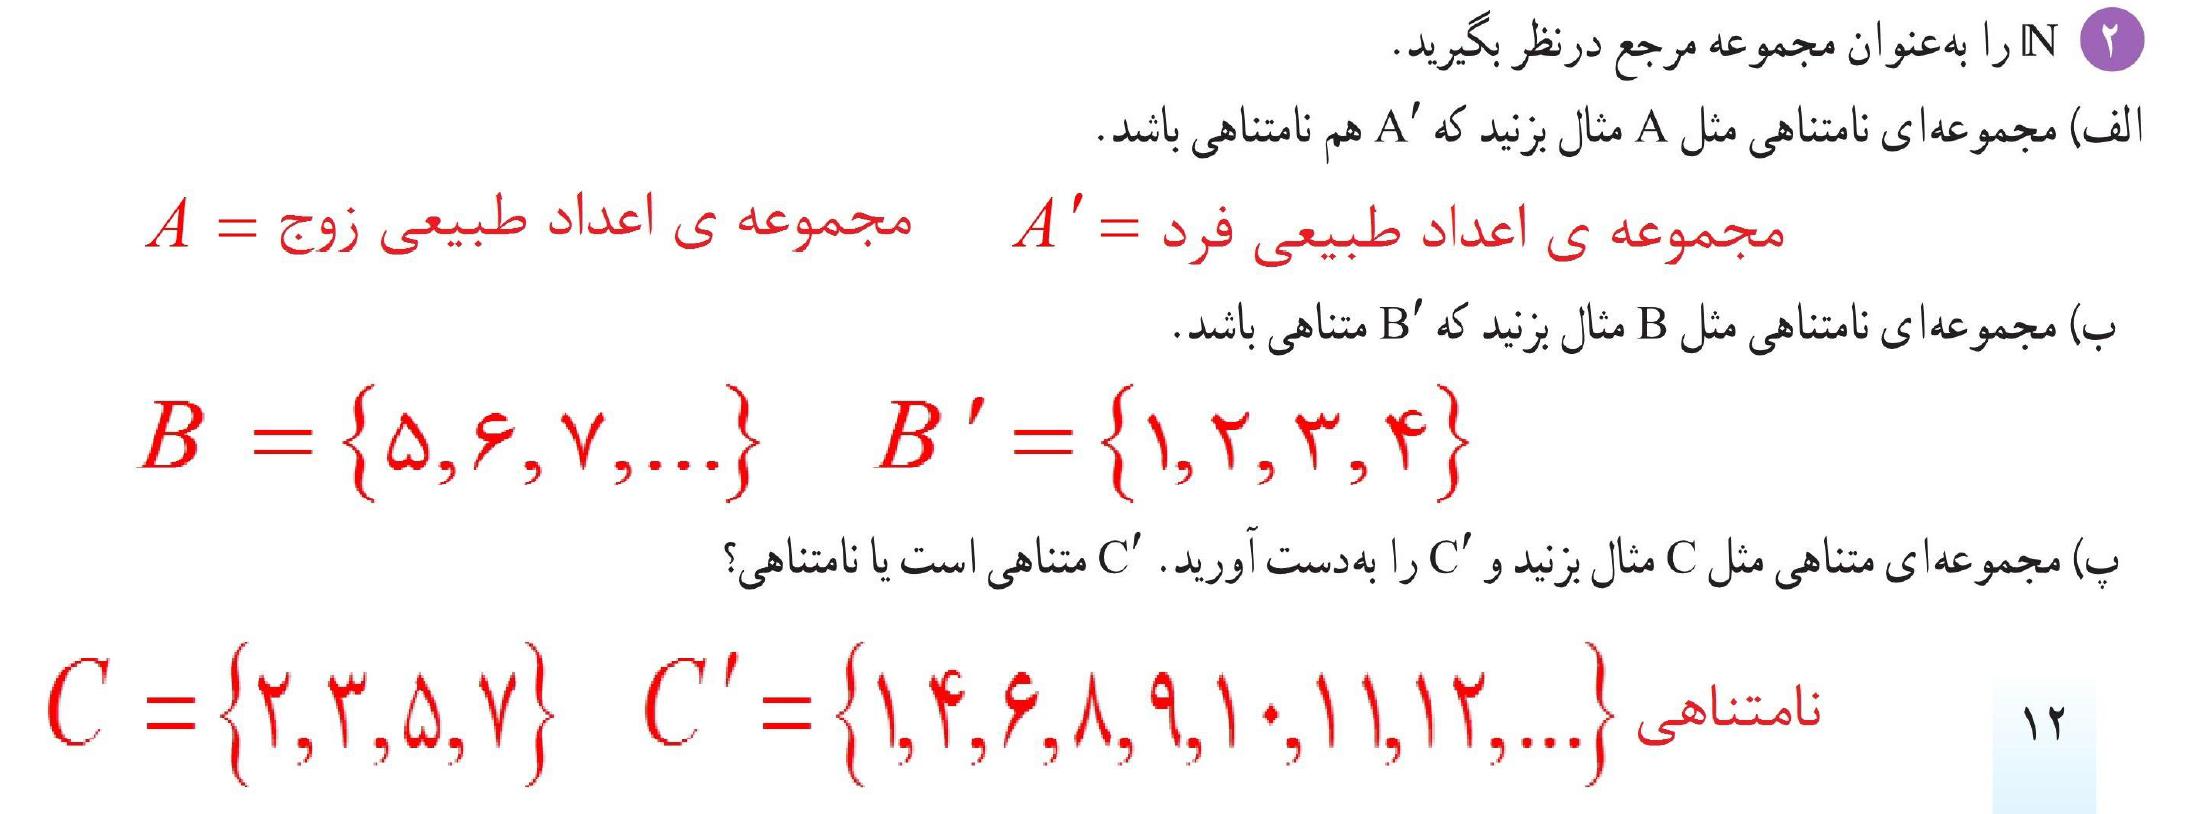 حل تمرین فصل اول ریاضی دهم رشته ریاضی و تجربی